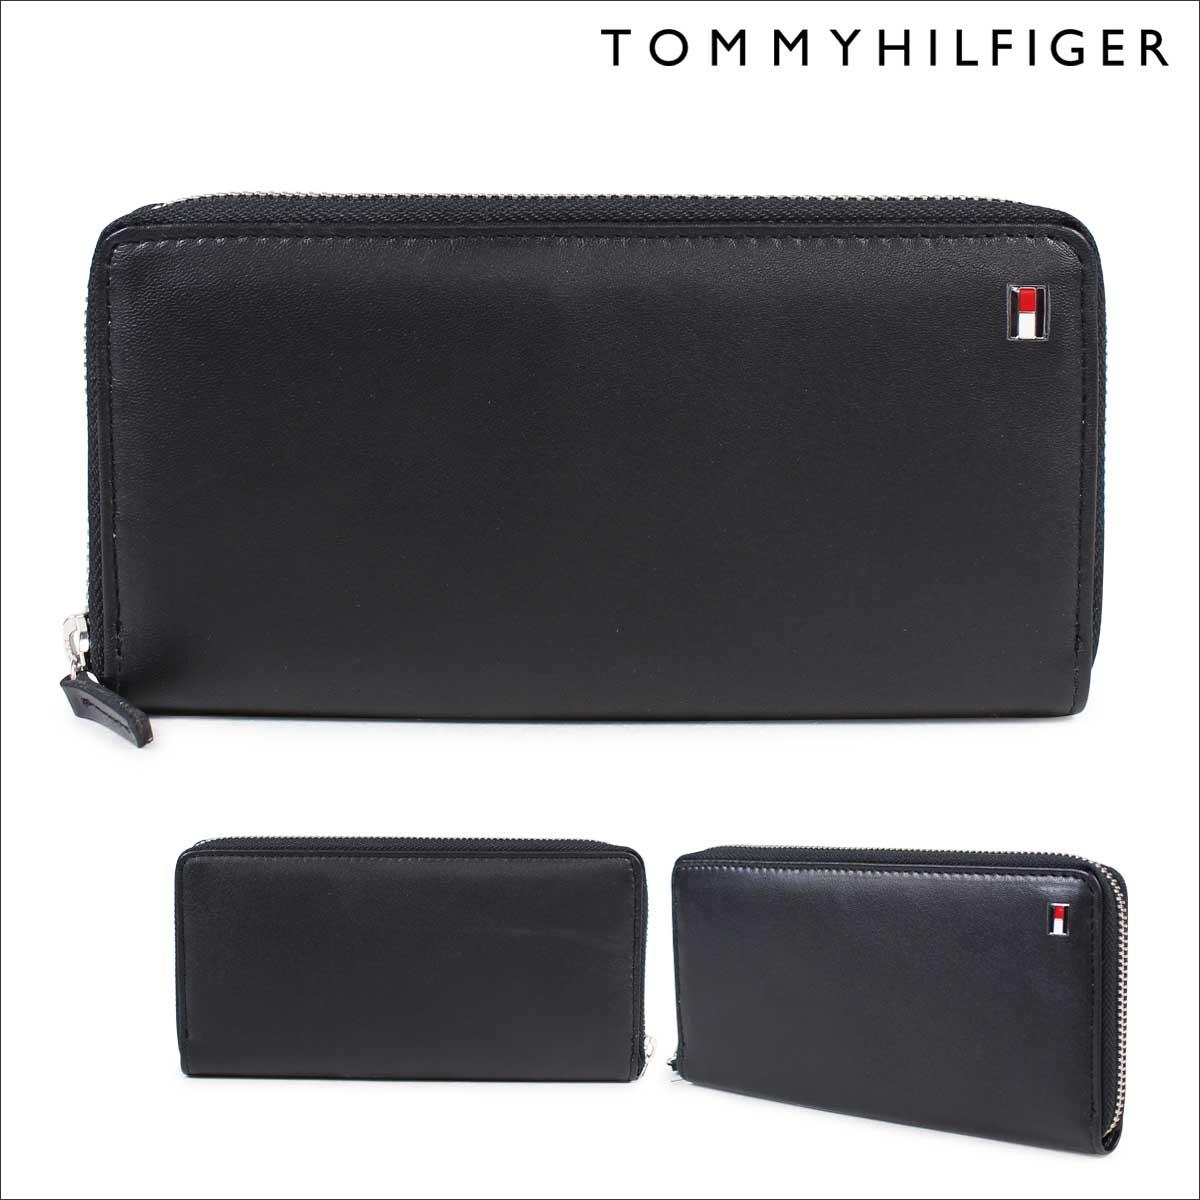 トミーヒルフィガー TOMMY HILFIGER 財布 長財布 メンズ ラウンドファスナー レザー OXFORD WALLET 4691 31TL13X009-001 ブラック